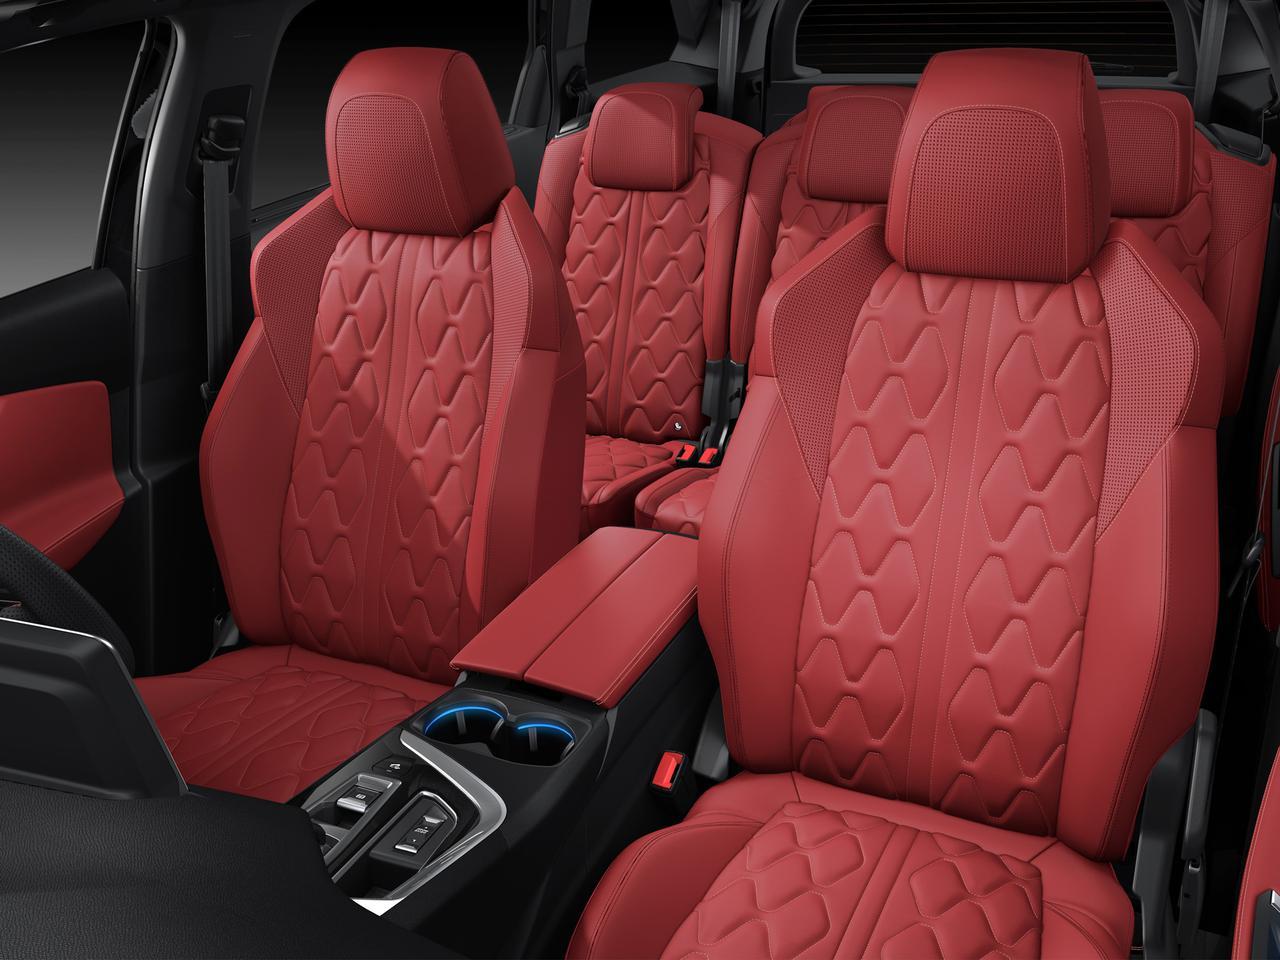 3列シートSUV、プジョー 5008にレッドナッパレザーシートの特別仕様「GT BlueHDi レッドナッパ」追加